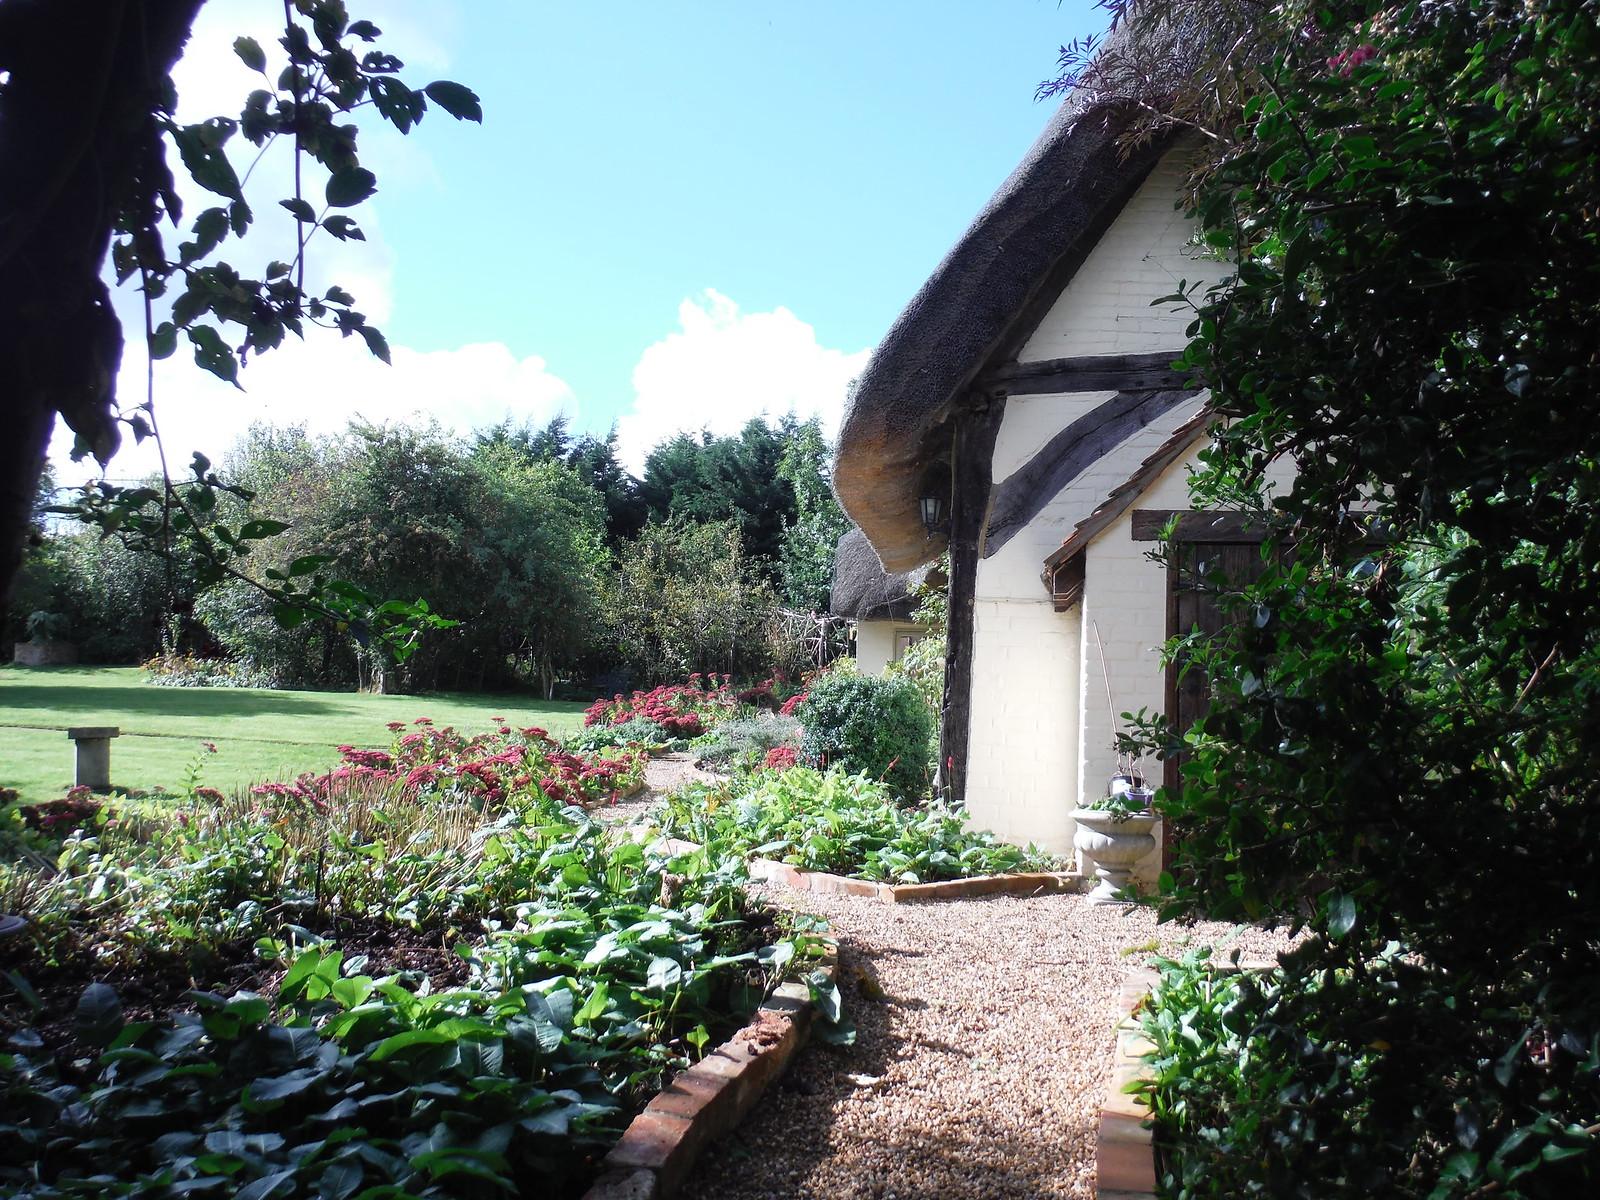 Garden in Hardwick SWC Walk 194 Aylesbury Vale Parkway to Aylesbury